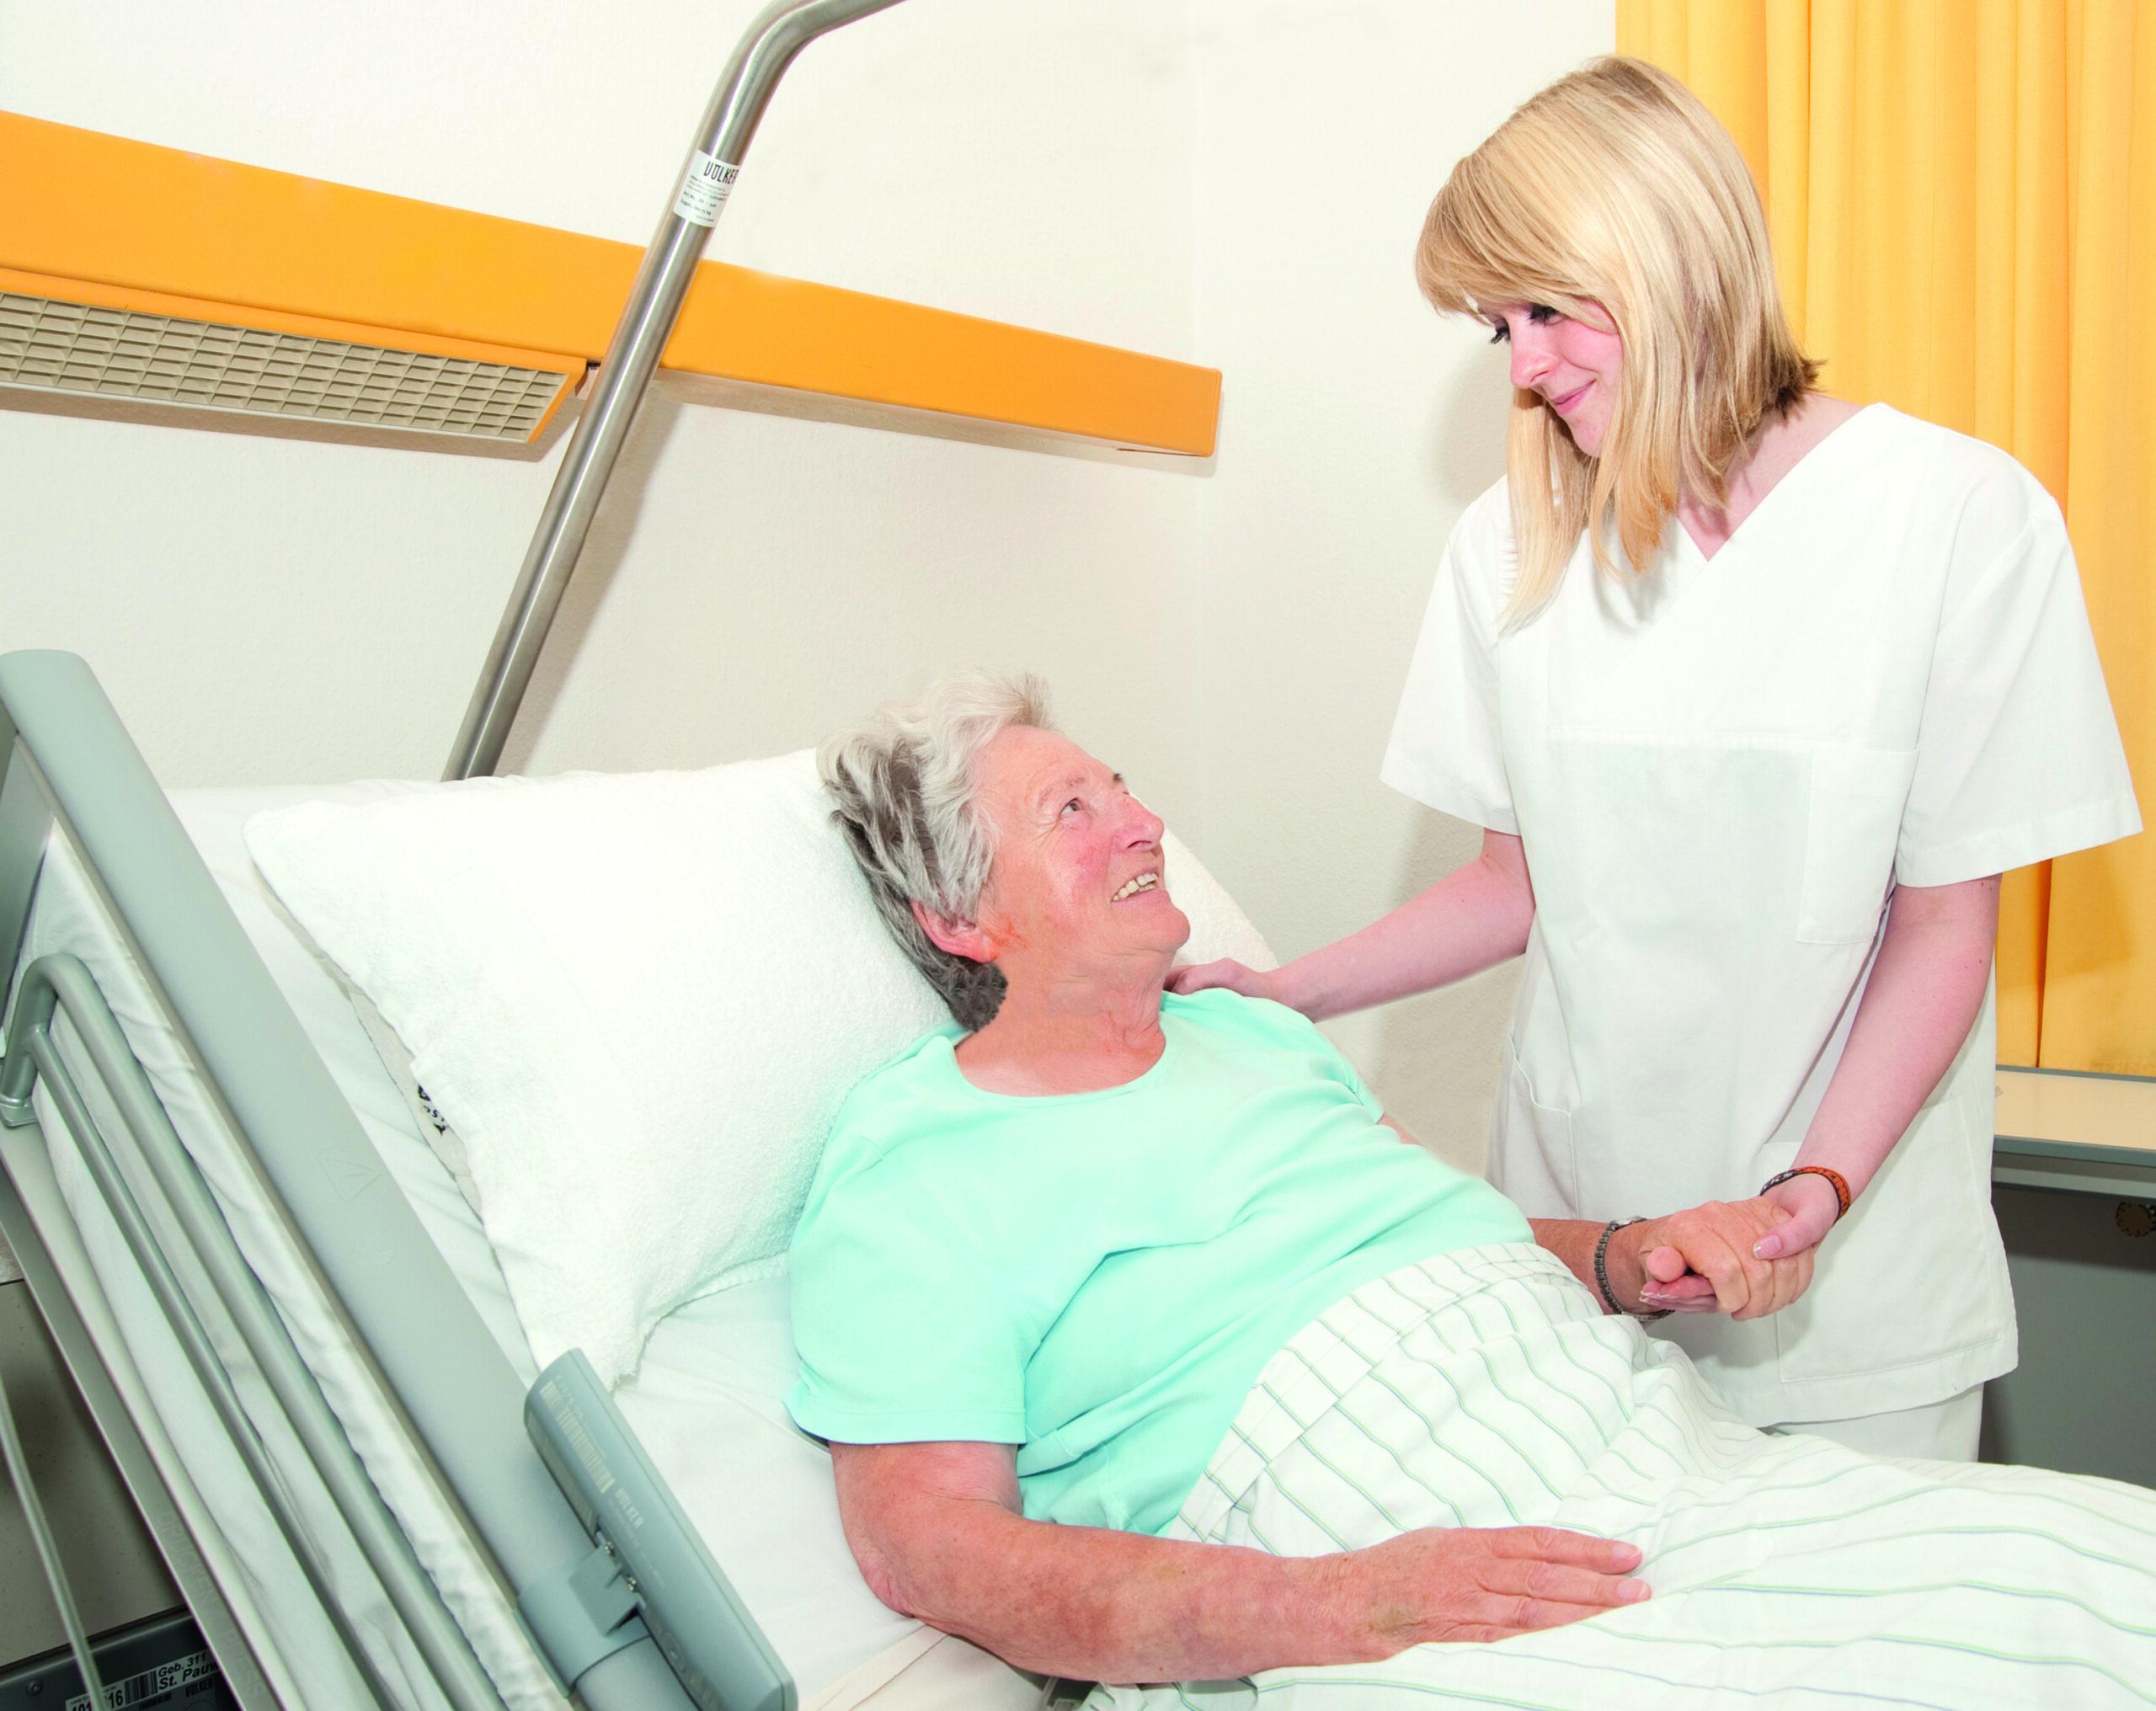 Pflegende in ihrem Beruf stärken – Fachtagung empCARE präsentiert Ergebnisse aus drei Jahren Training und Forschung